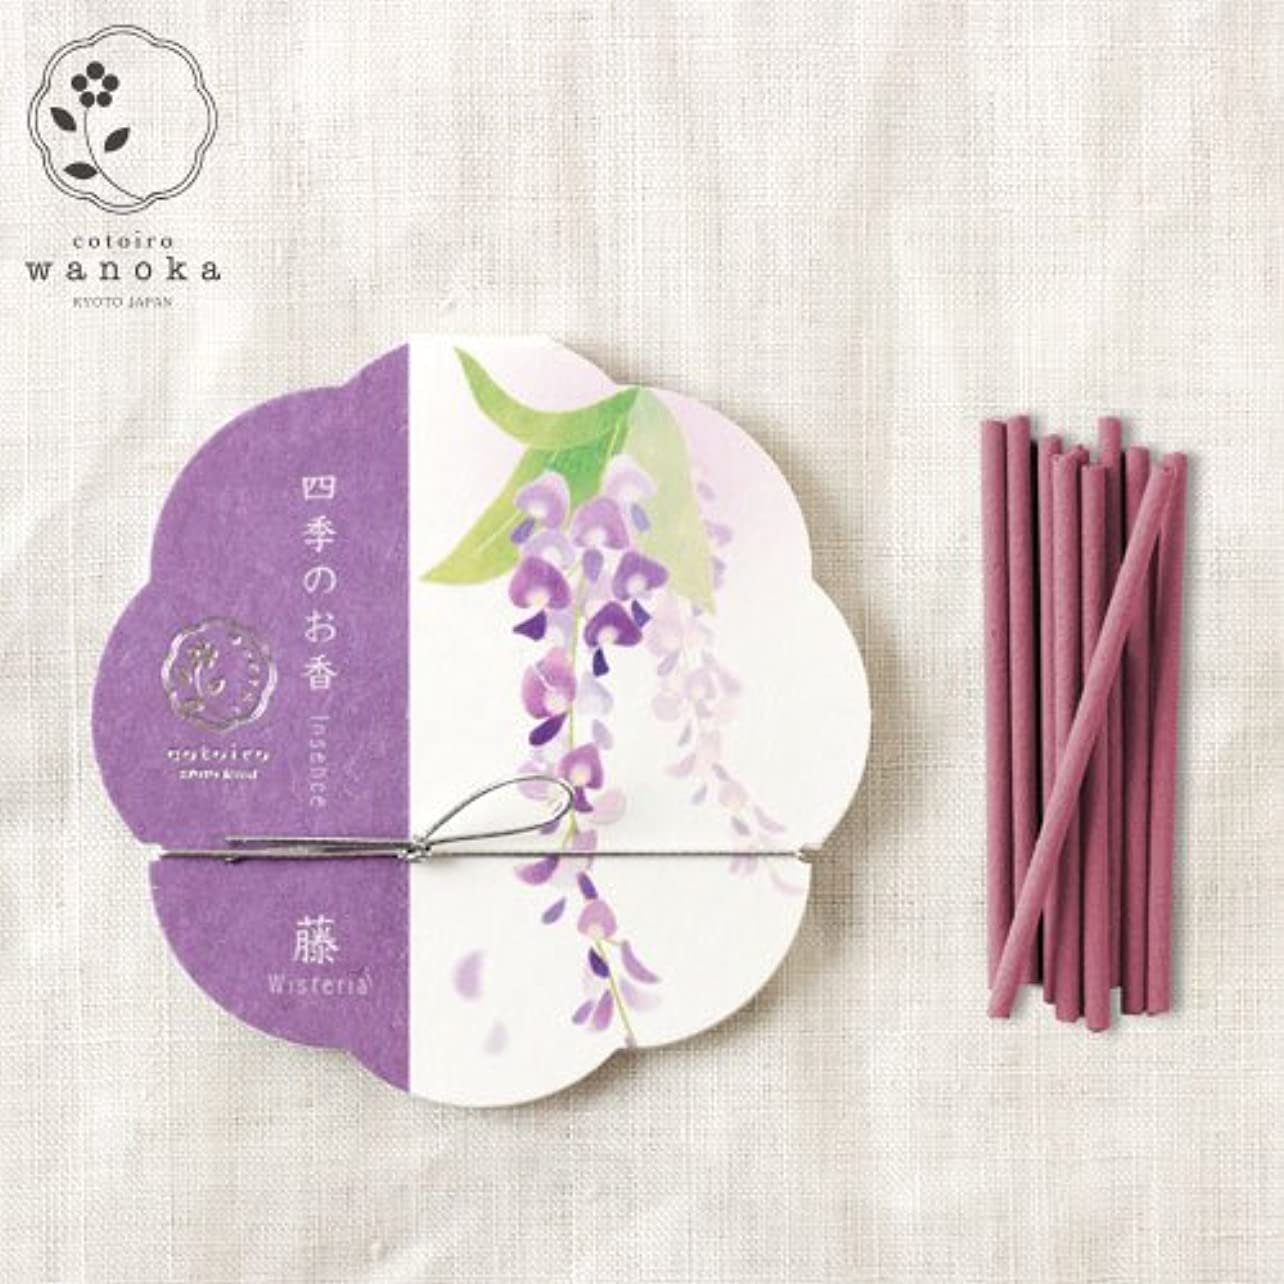 グリーンバック分布下向きwanoka四季のお香(インセンス)藤《藤をイメージした華やかな香り》ART LABIncense stick